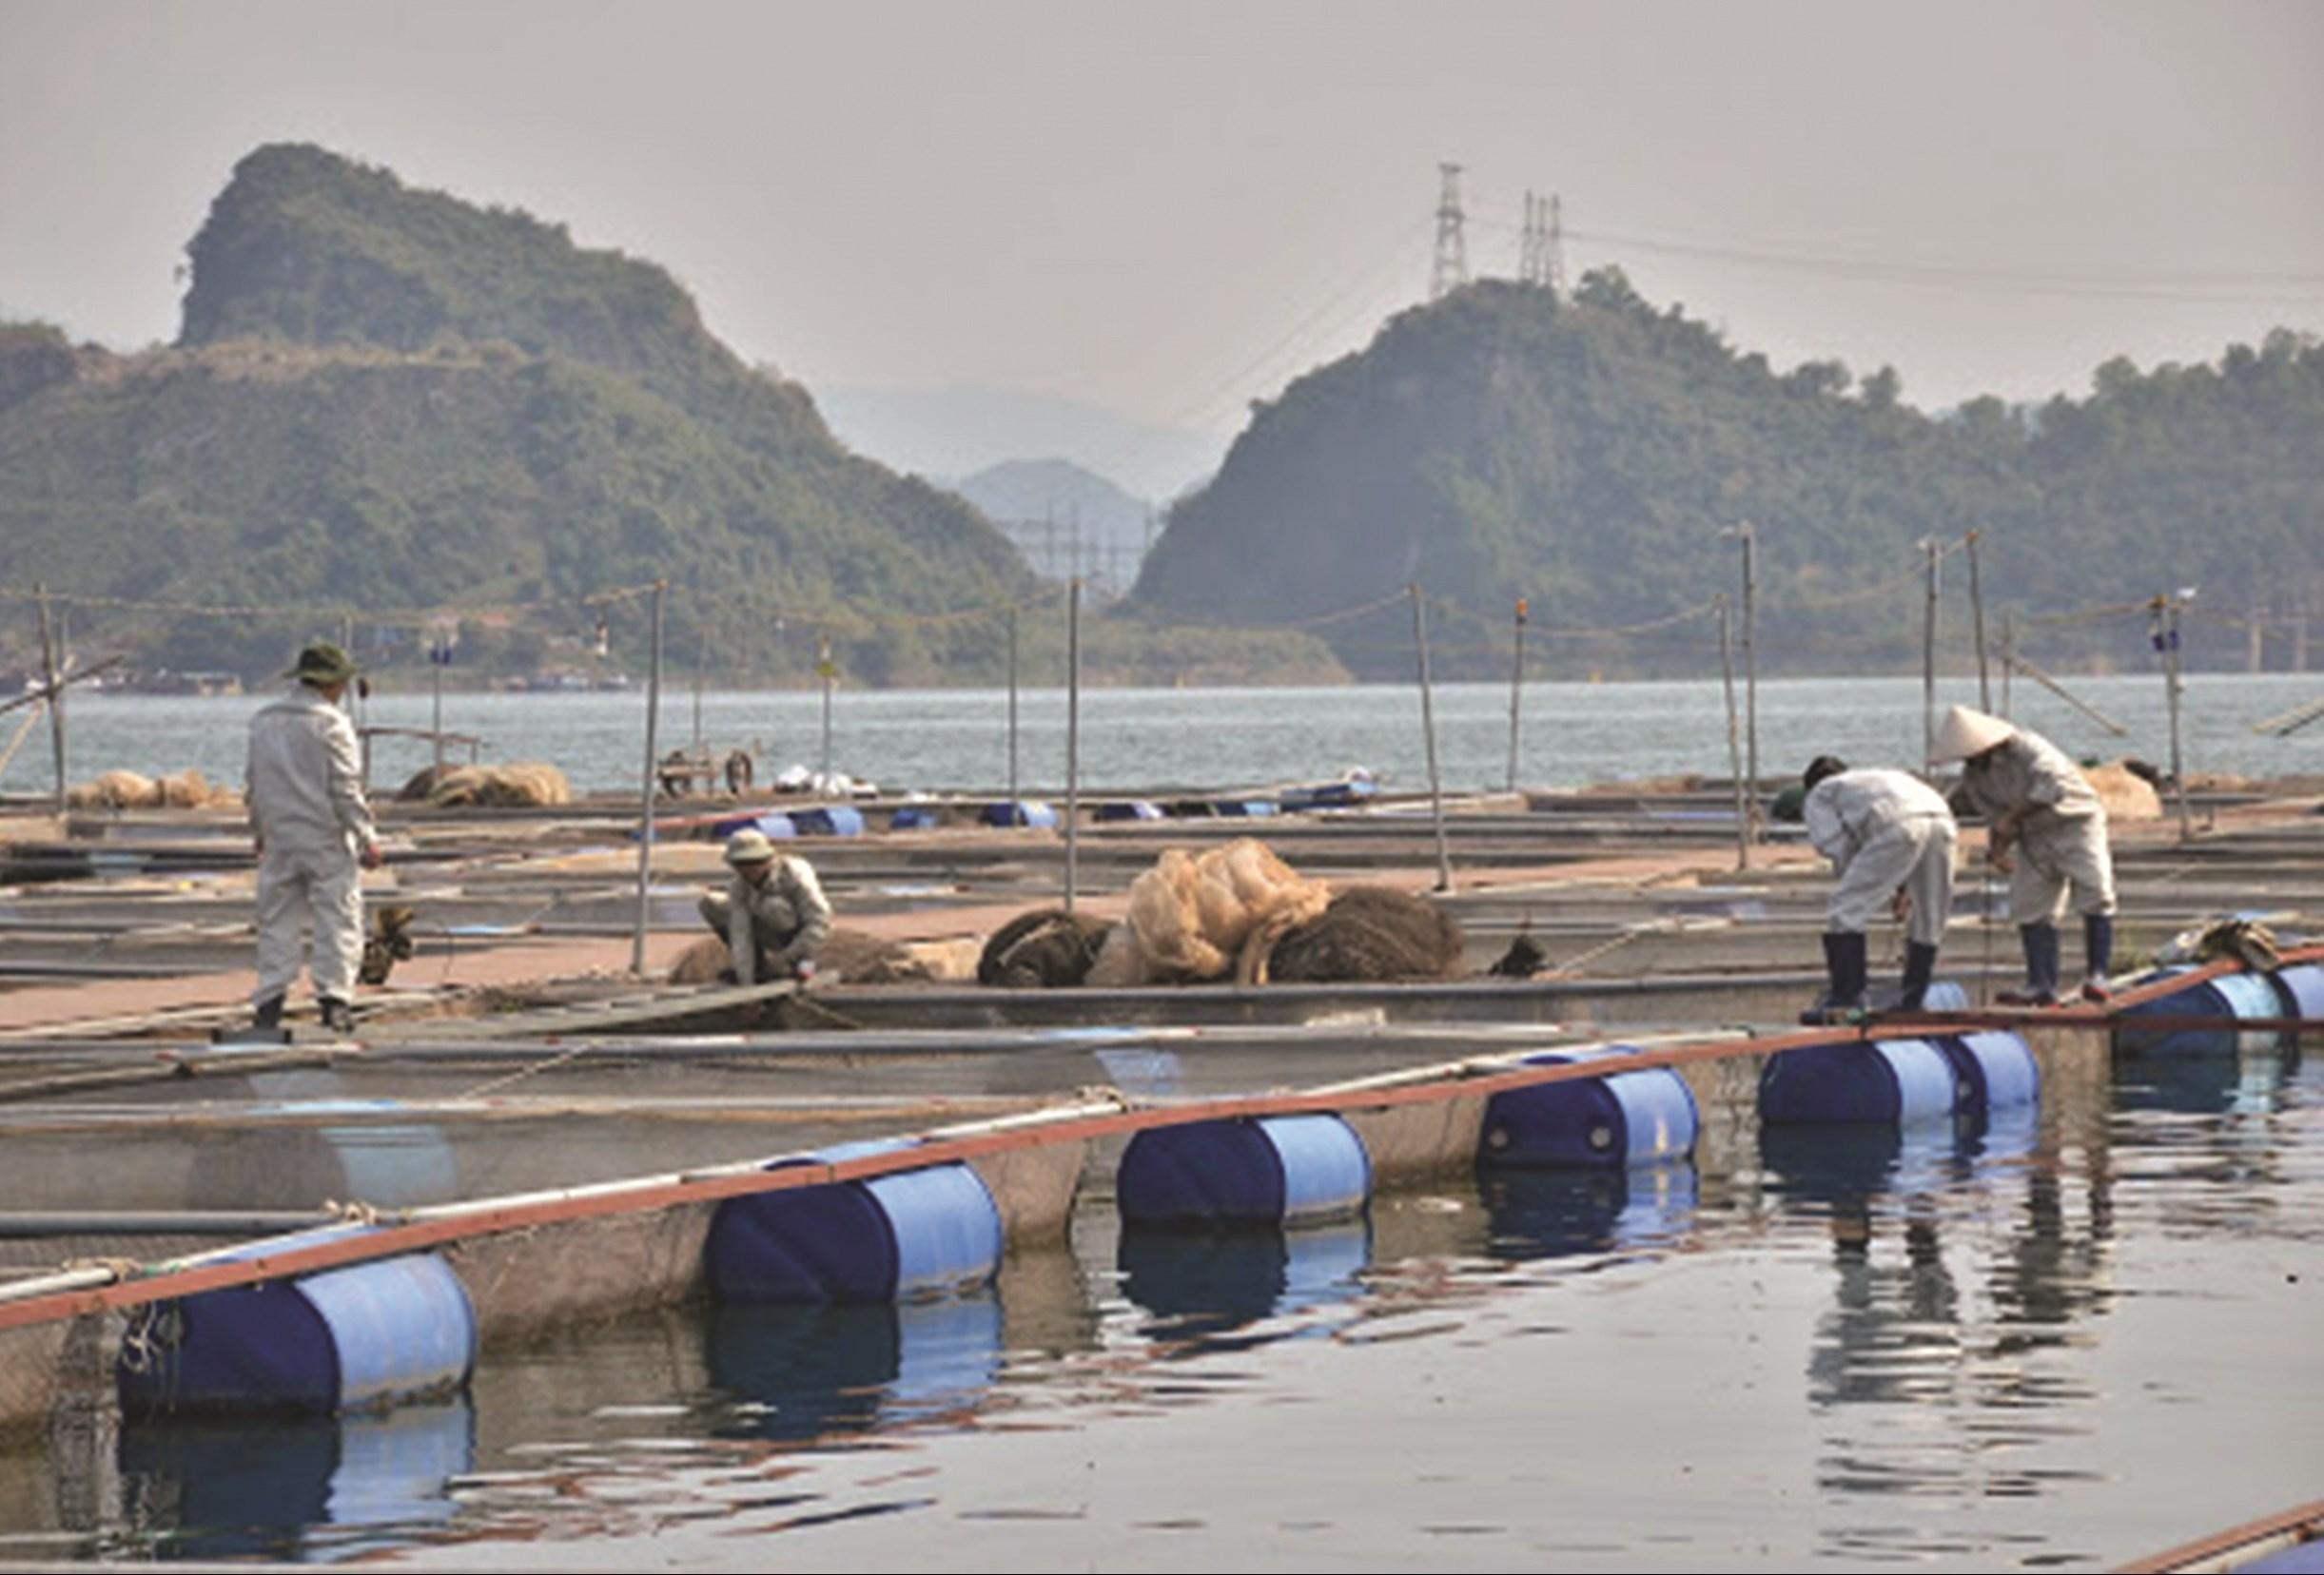 Nuôi cá lồng trên hồ thủy điện Hòa Bình cho giá trị kinh tế cao. (Ảnh tư liệu)